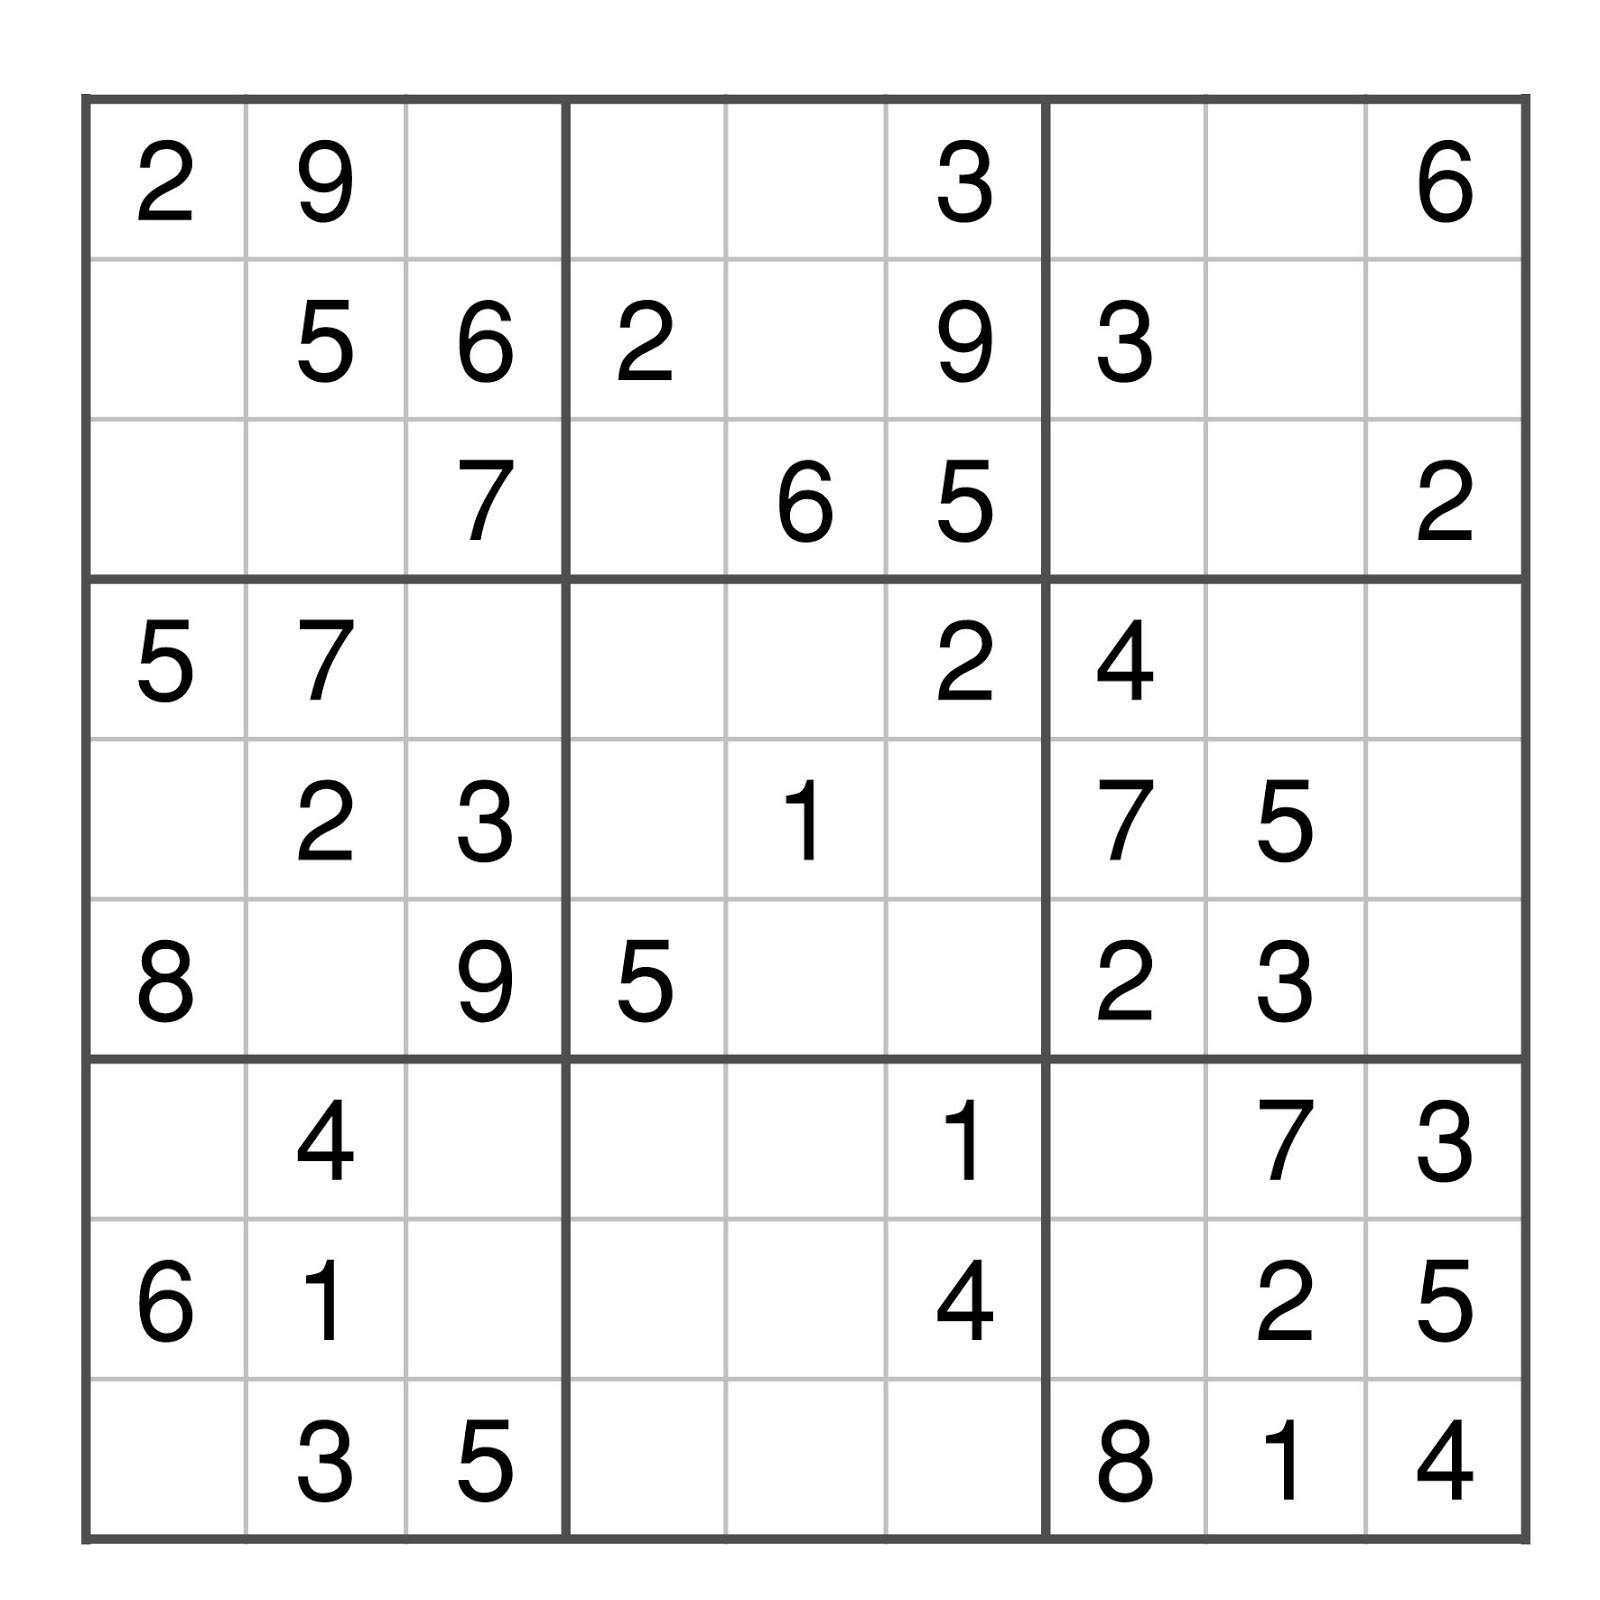 Jeu De Sudoku En Ligne Gratuit concernant Mots Croisés Faciles À Imprimer Gratuitement